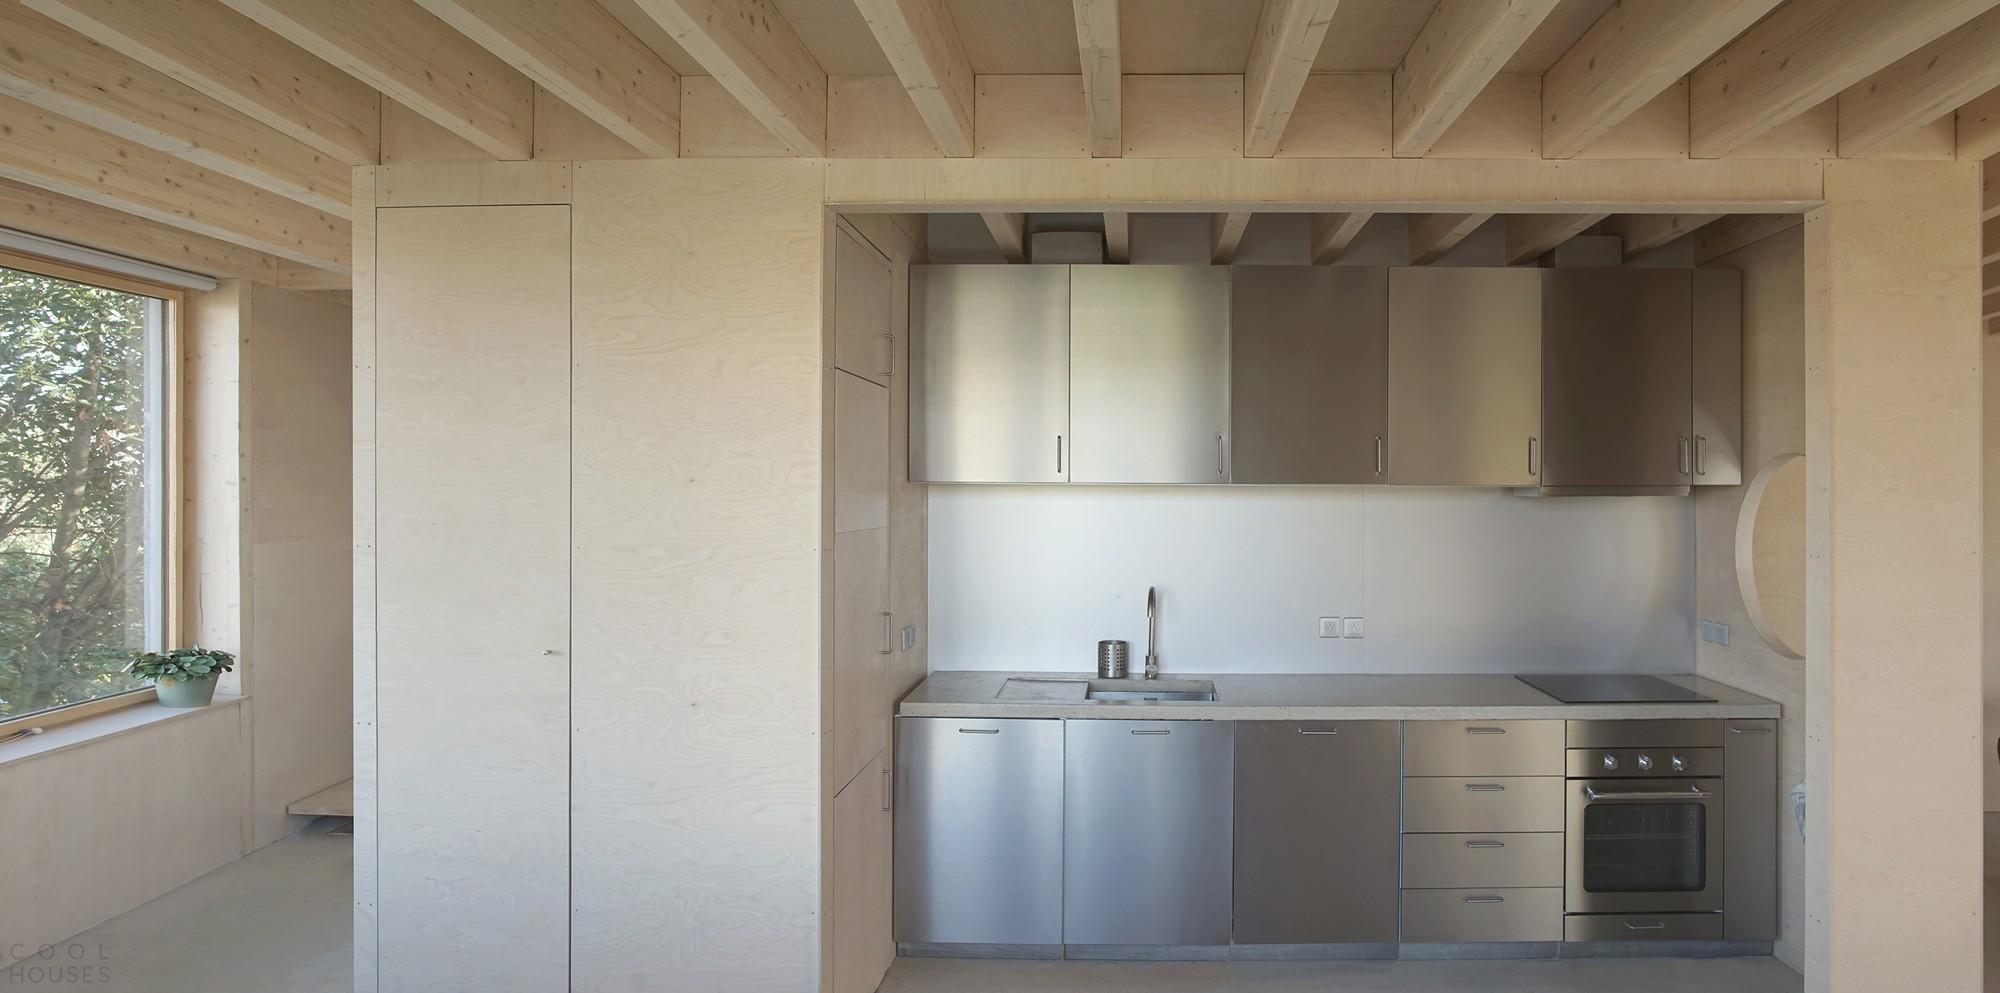 Деревянный таунхаус над гаражом, Франция